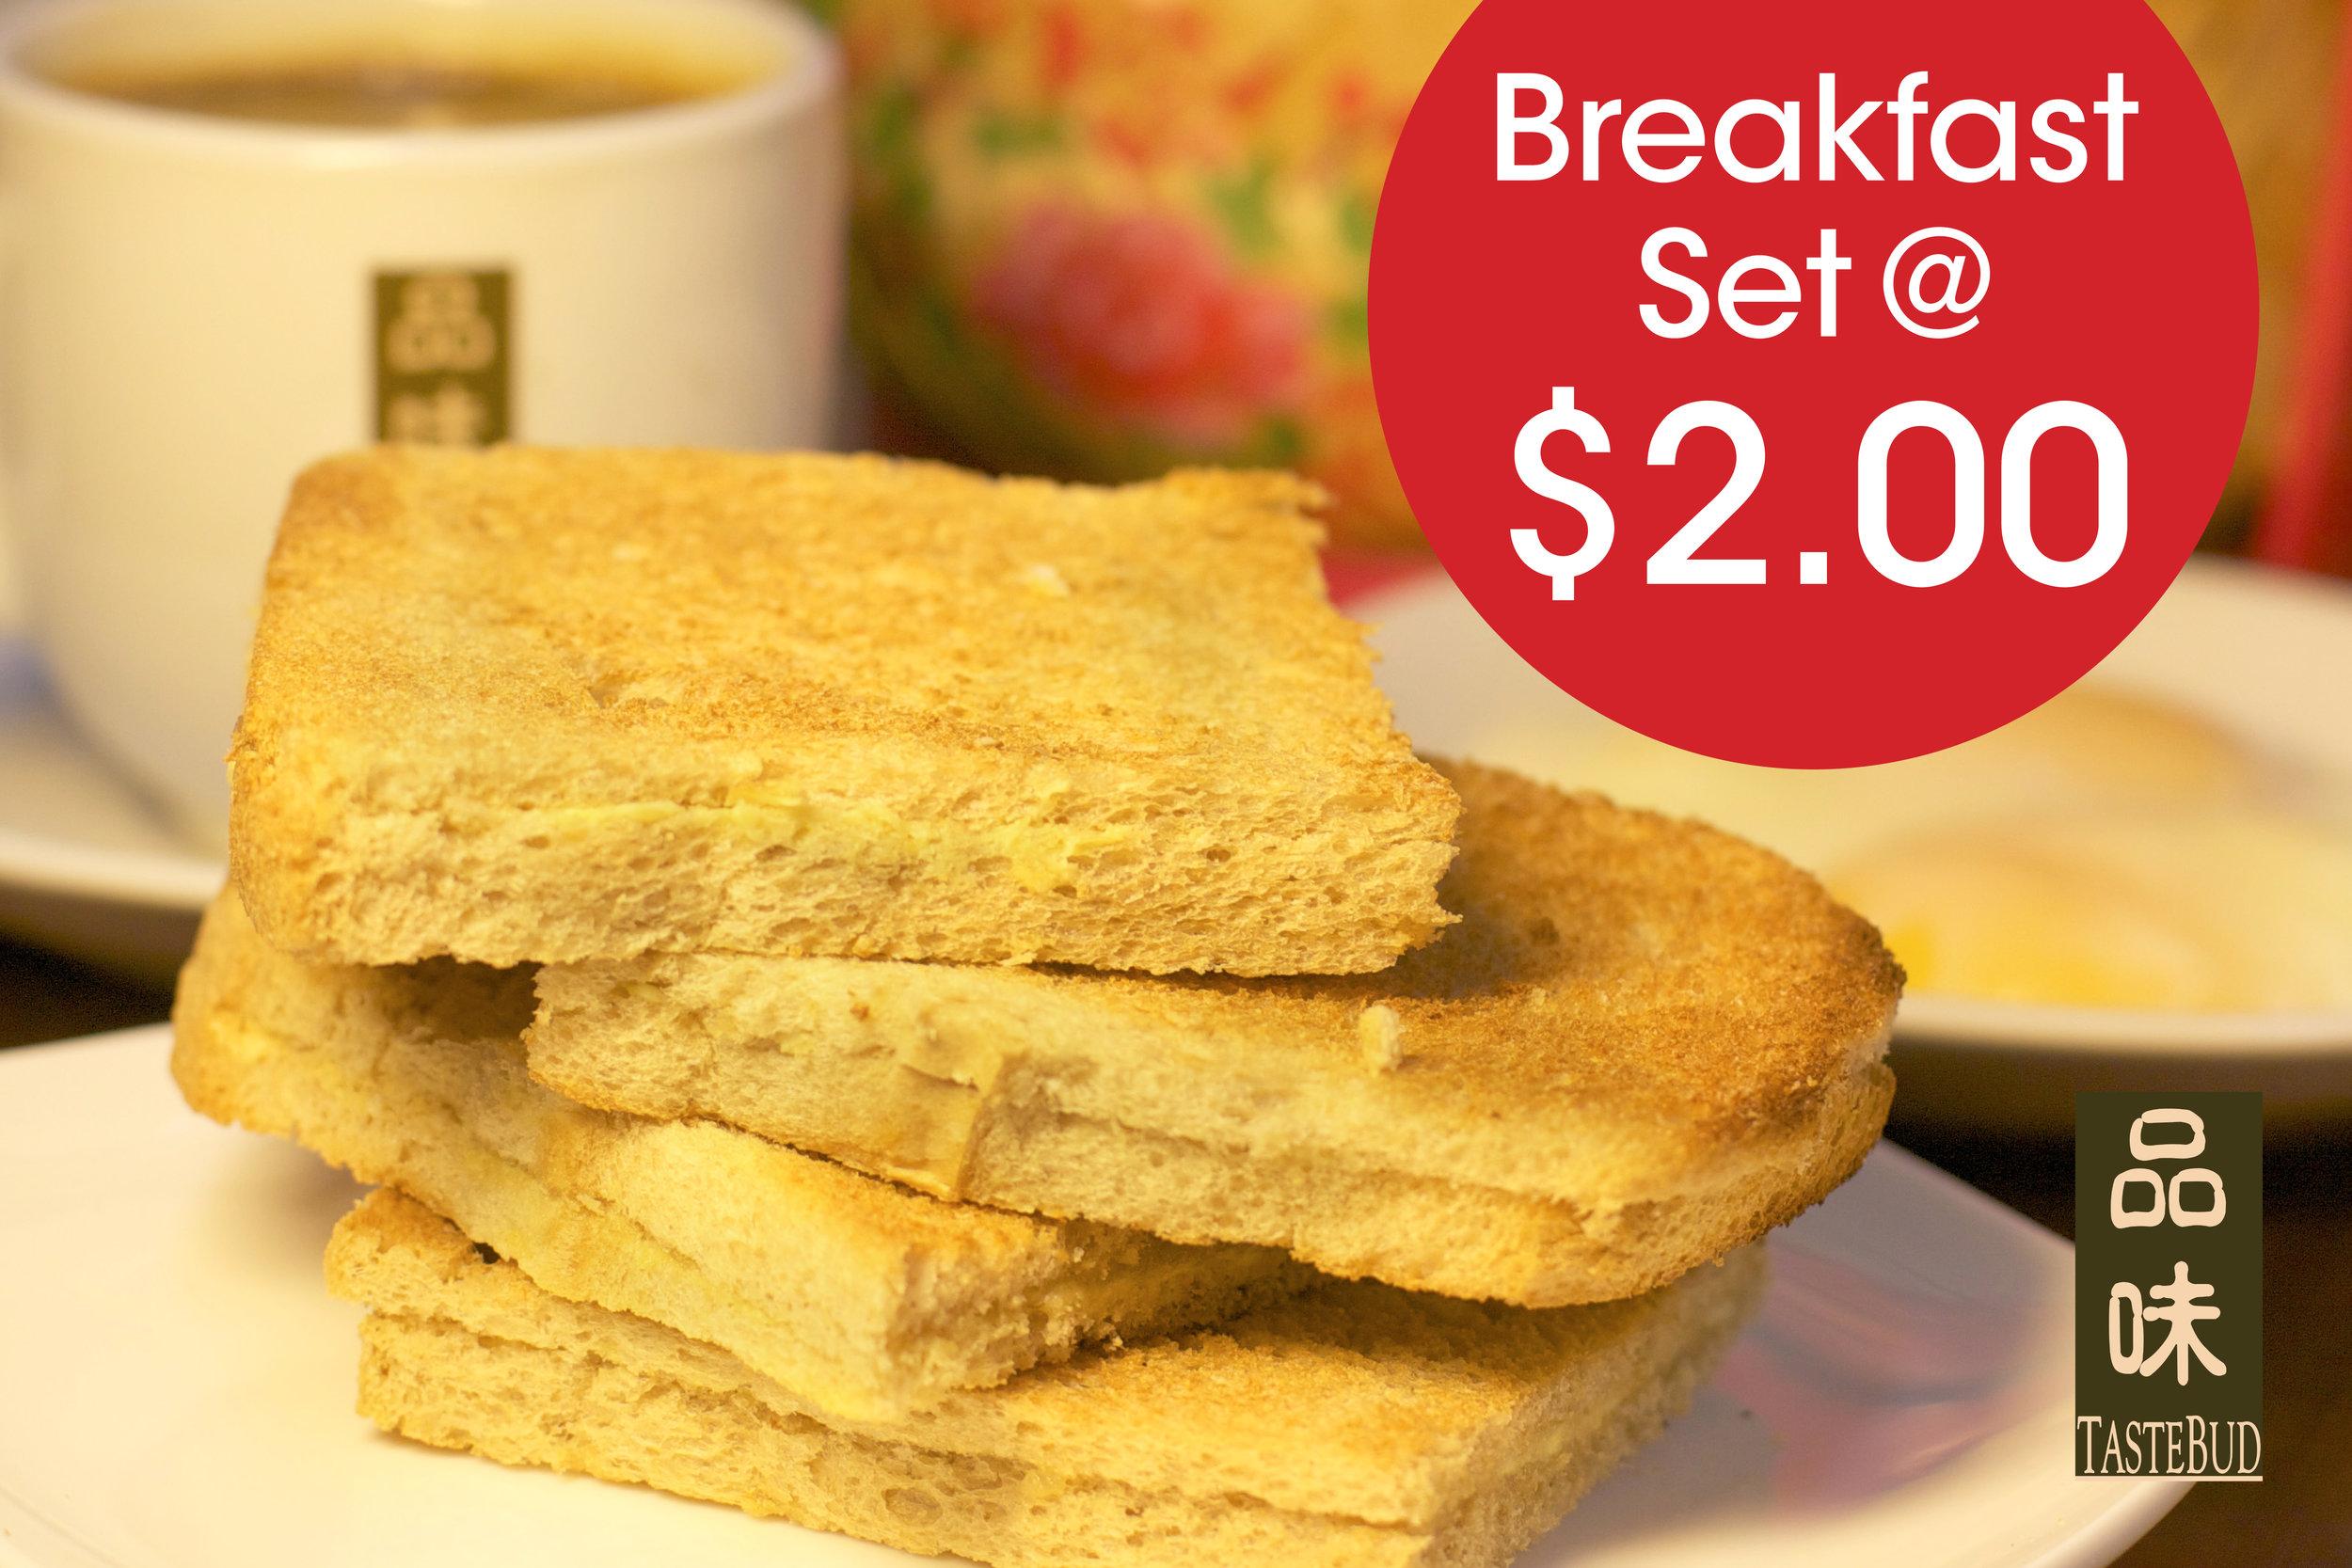 Pocket-friendly Breakfast Set!